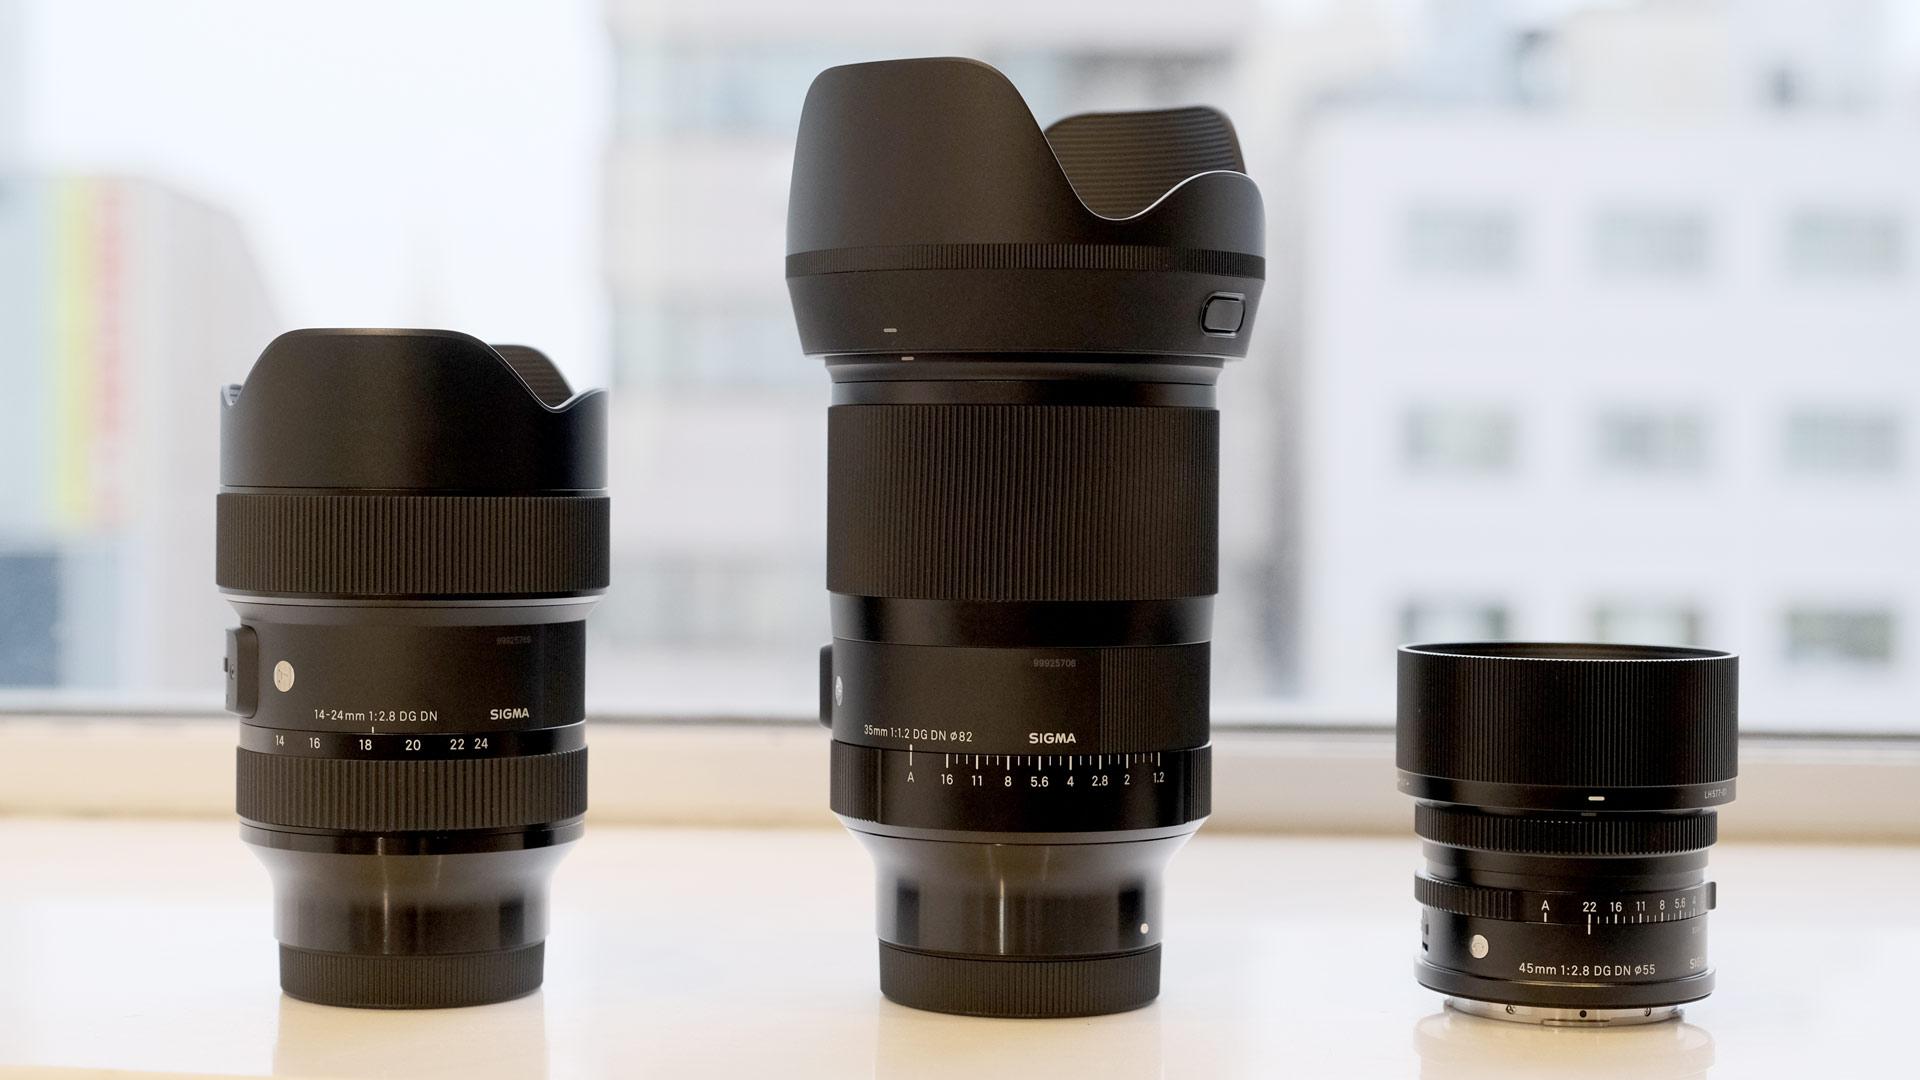 Nuevos lentes SIGMA full frame: 35 mm F1.2, 45 mm F2.8 y 14-24 mm F2.8